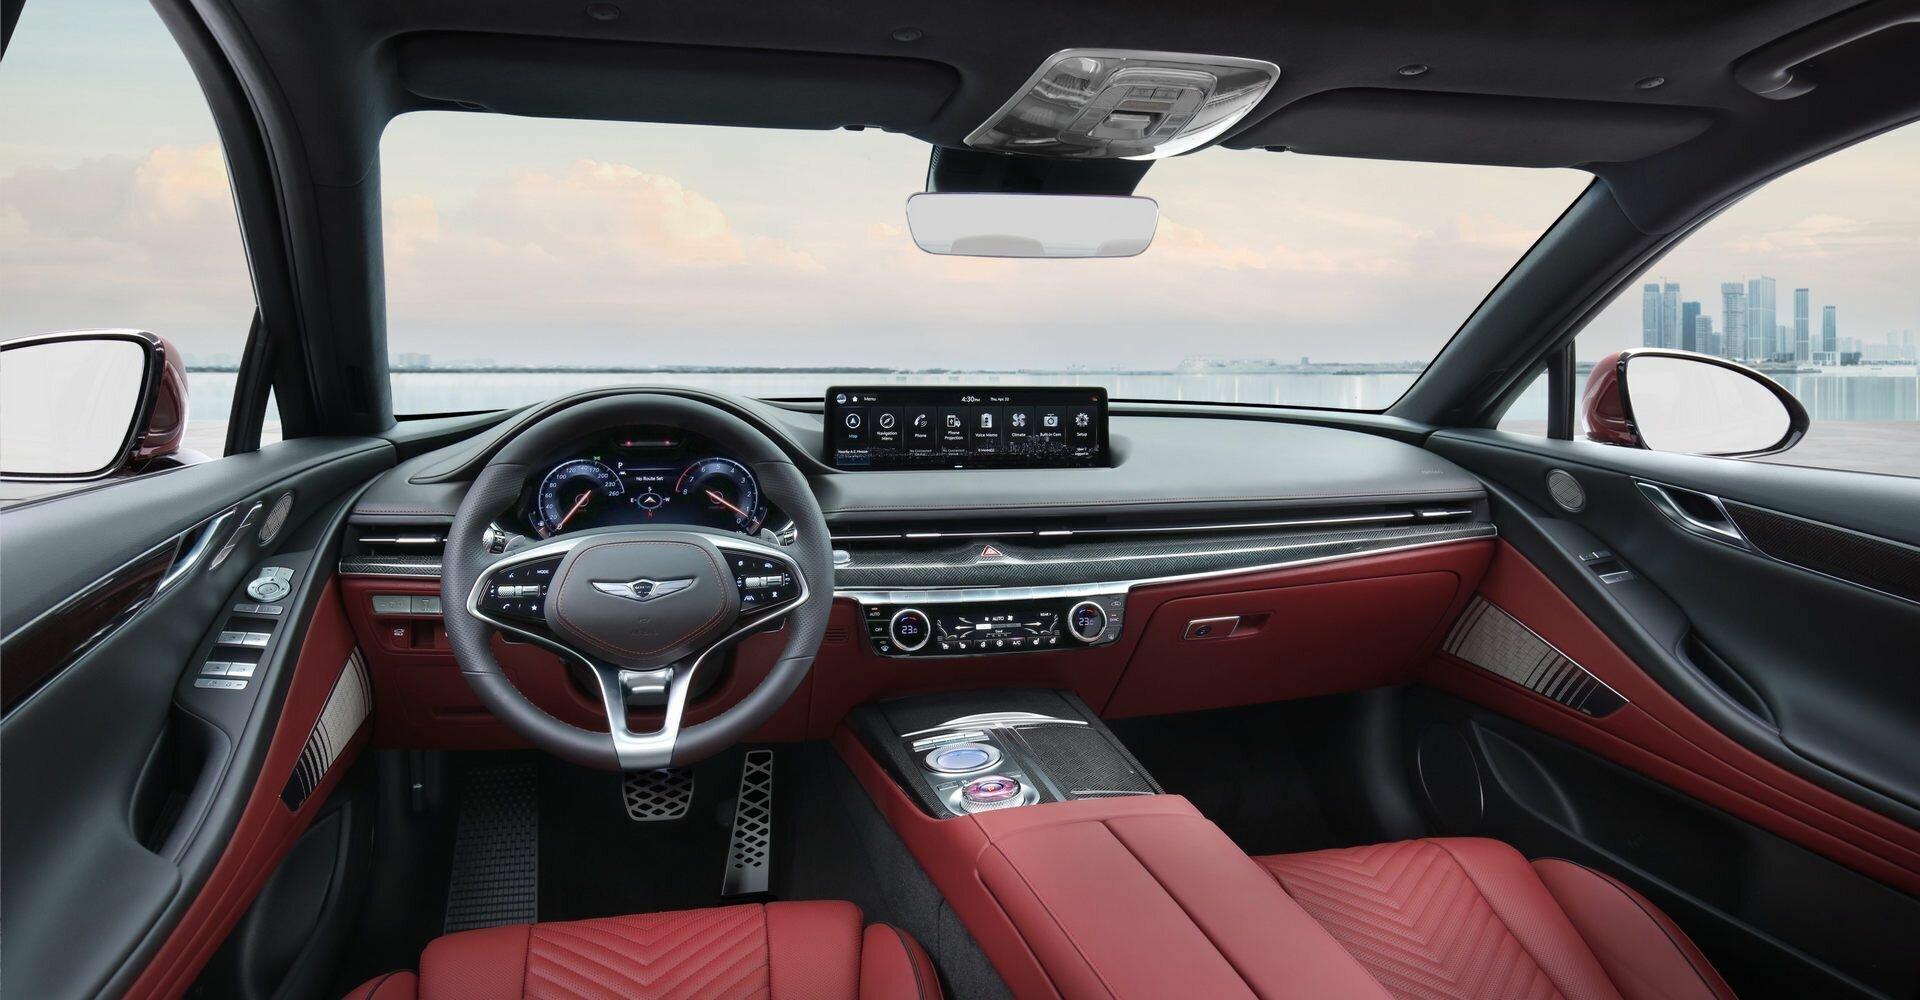 В салоне G80 Sport появился новый трехспицевый руль, а для отделки приборной панели могут использоваться полированный алюминий, карбон или особое покрытие с ромбовидным узором